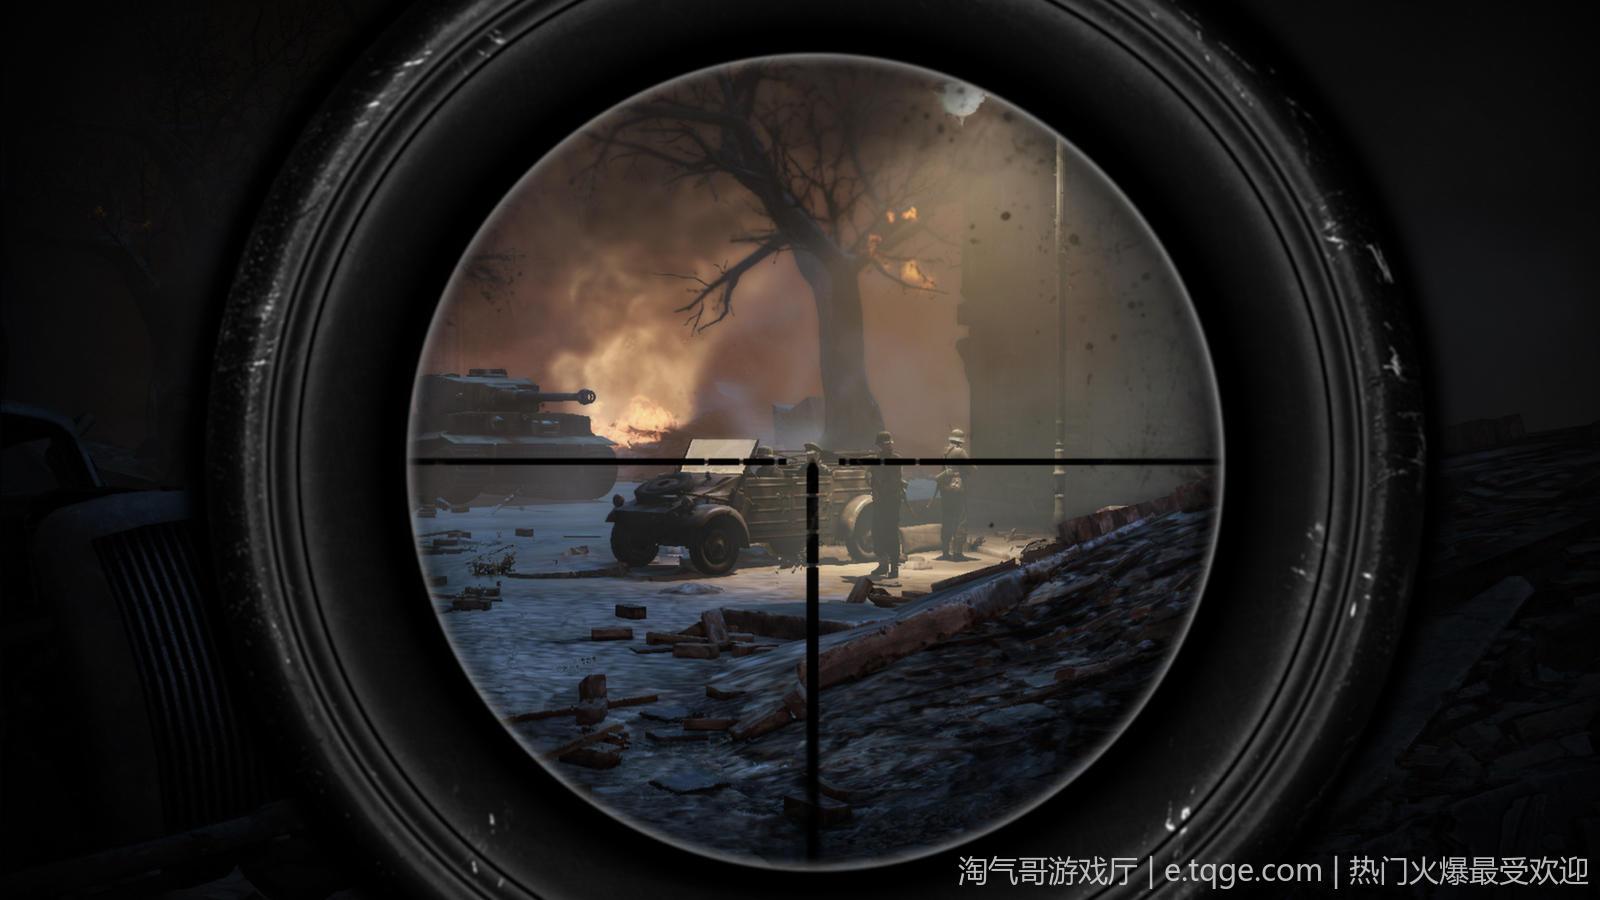 狙击精英V2 射击游戏 第8张